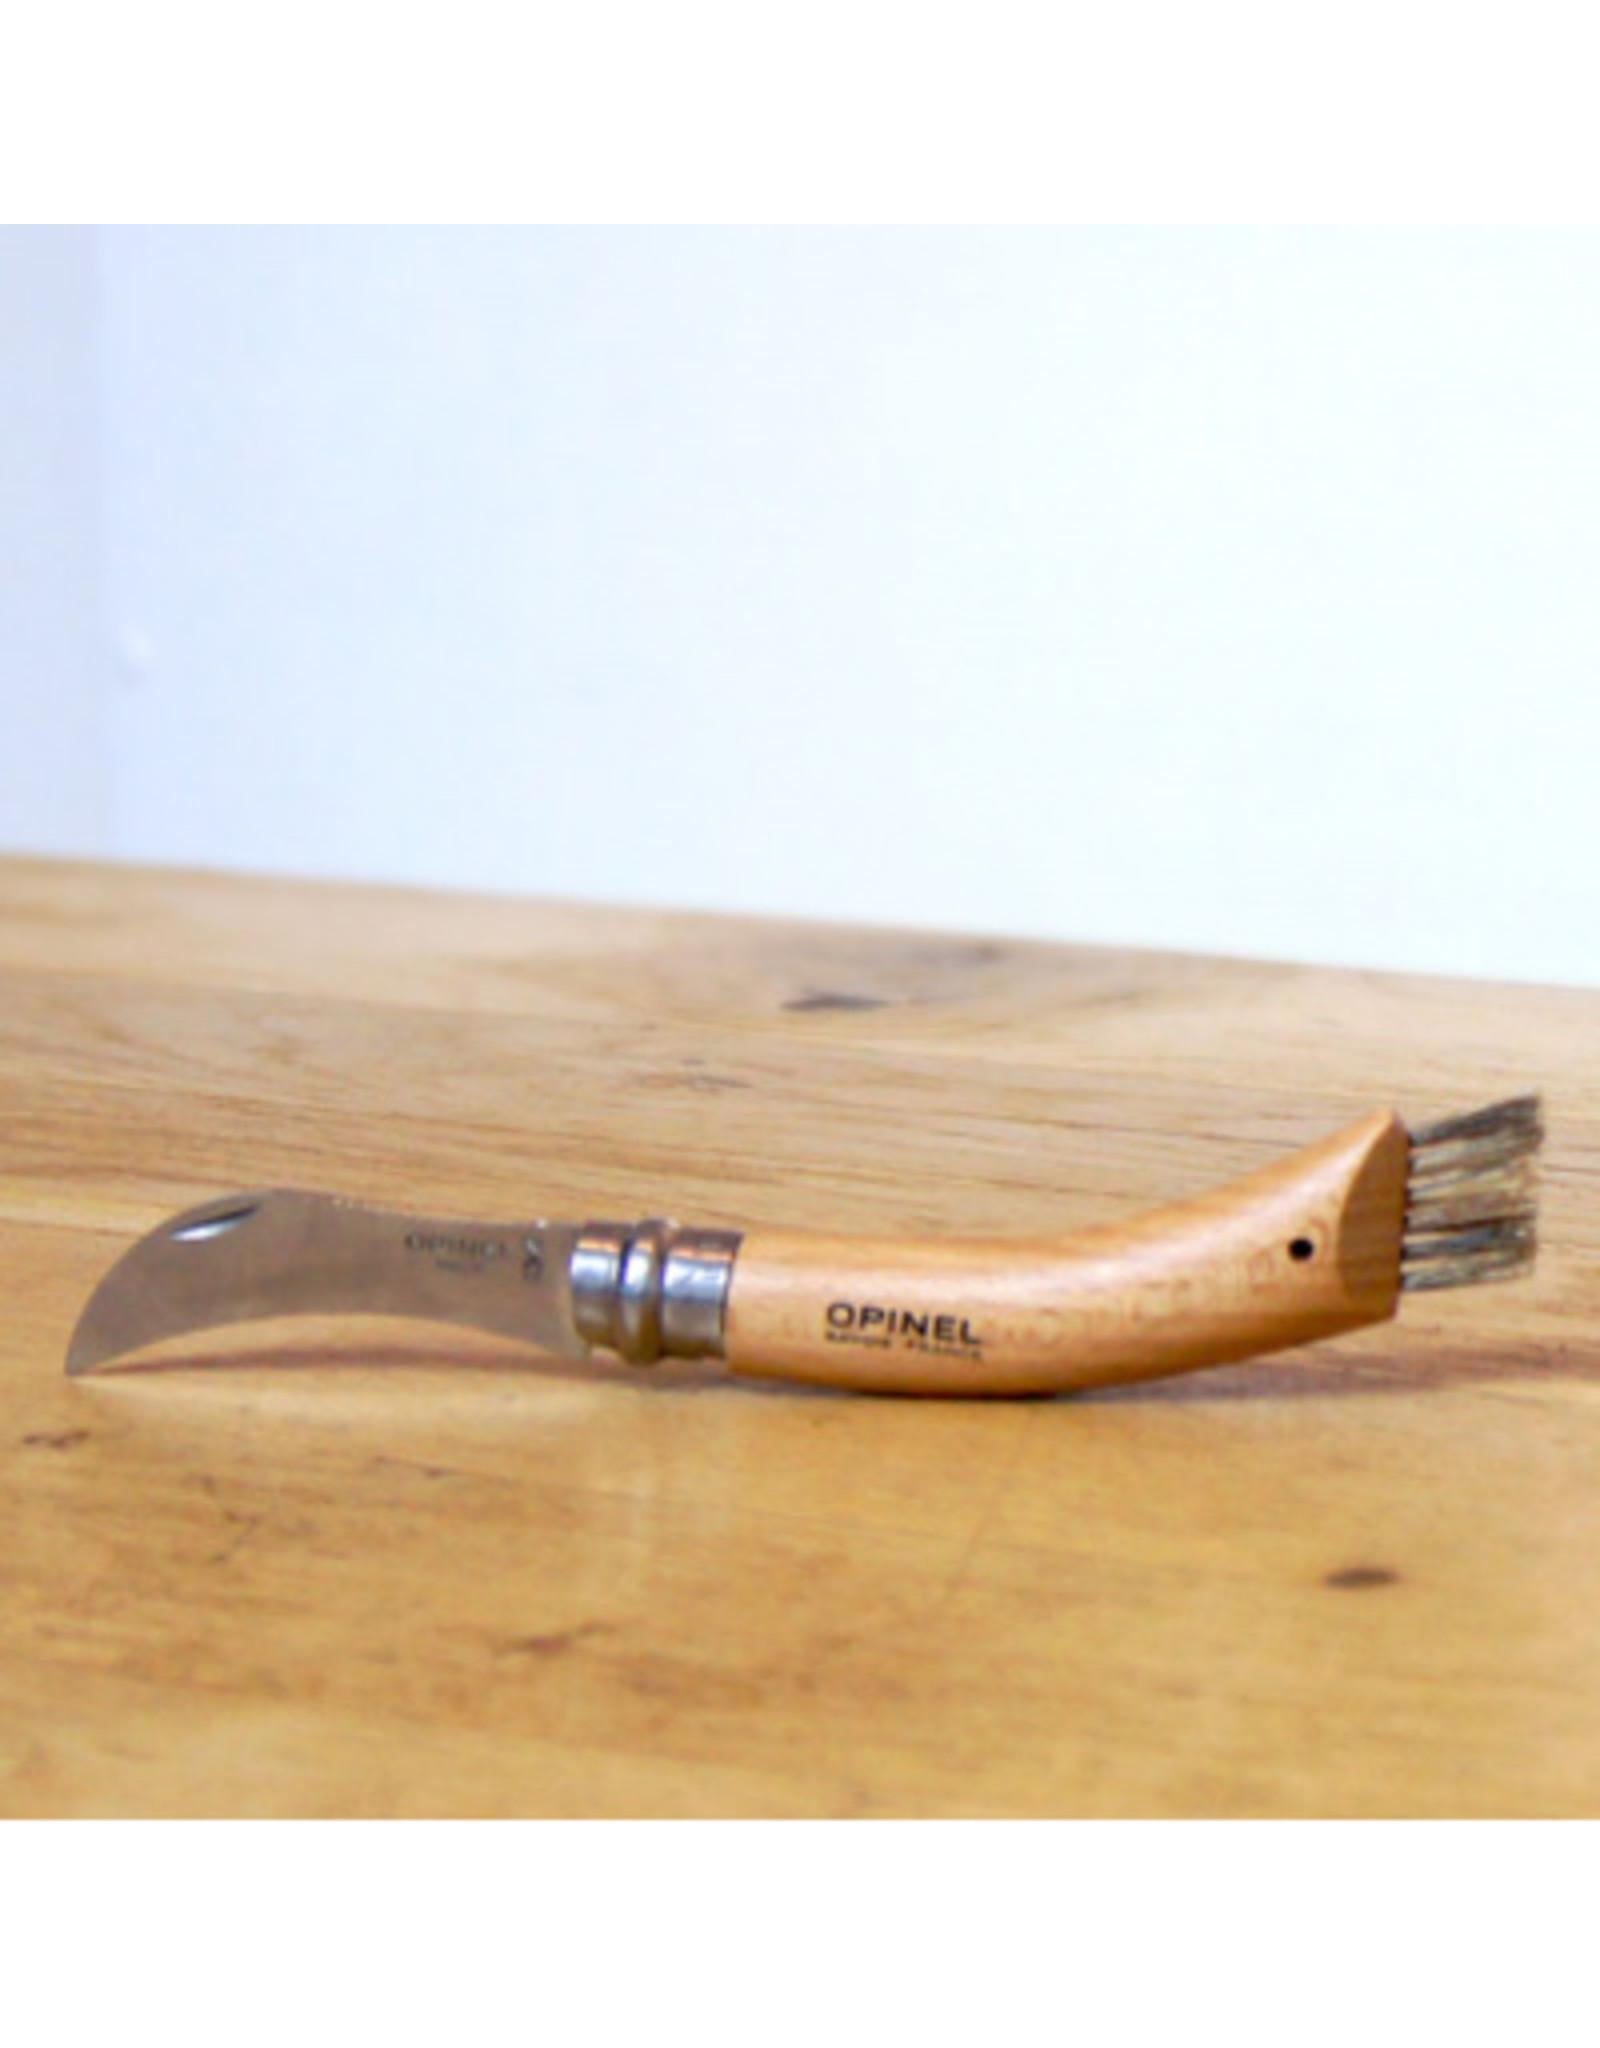 OPINEL OPINEL N°08 MUSHROOM KNIFE